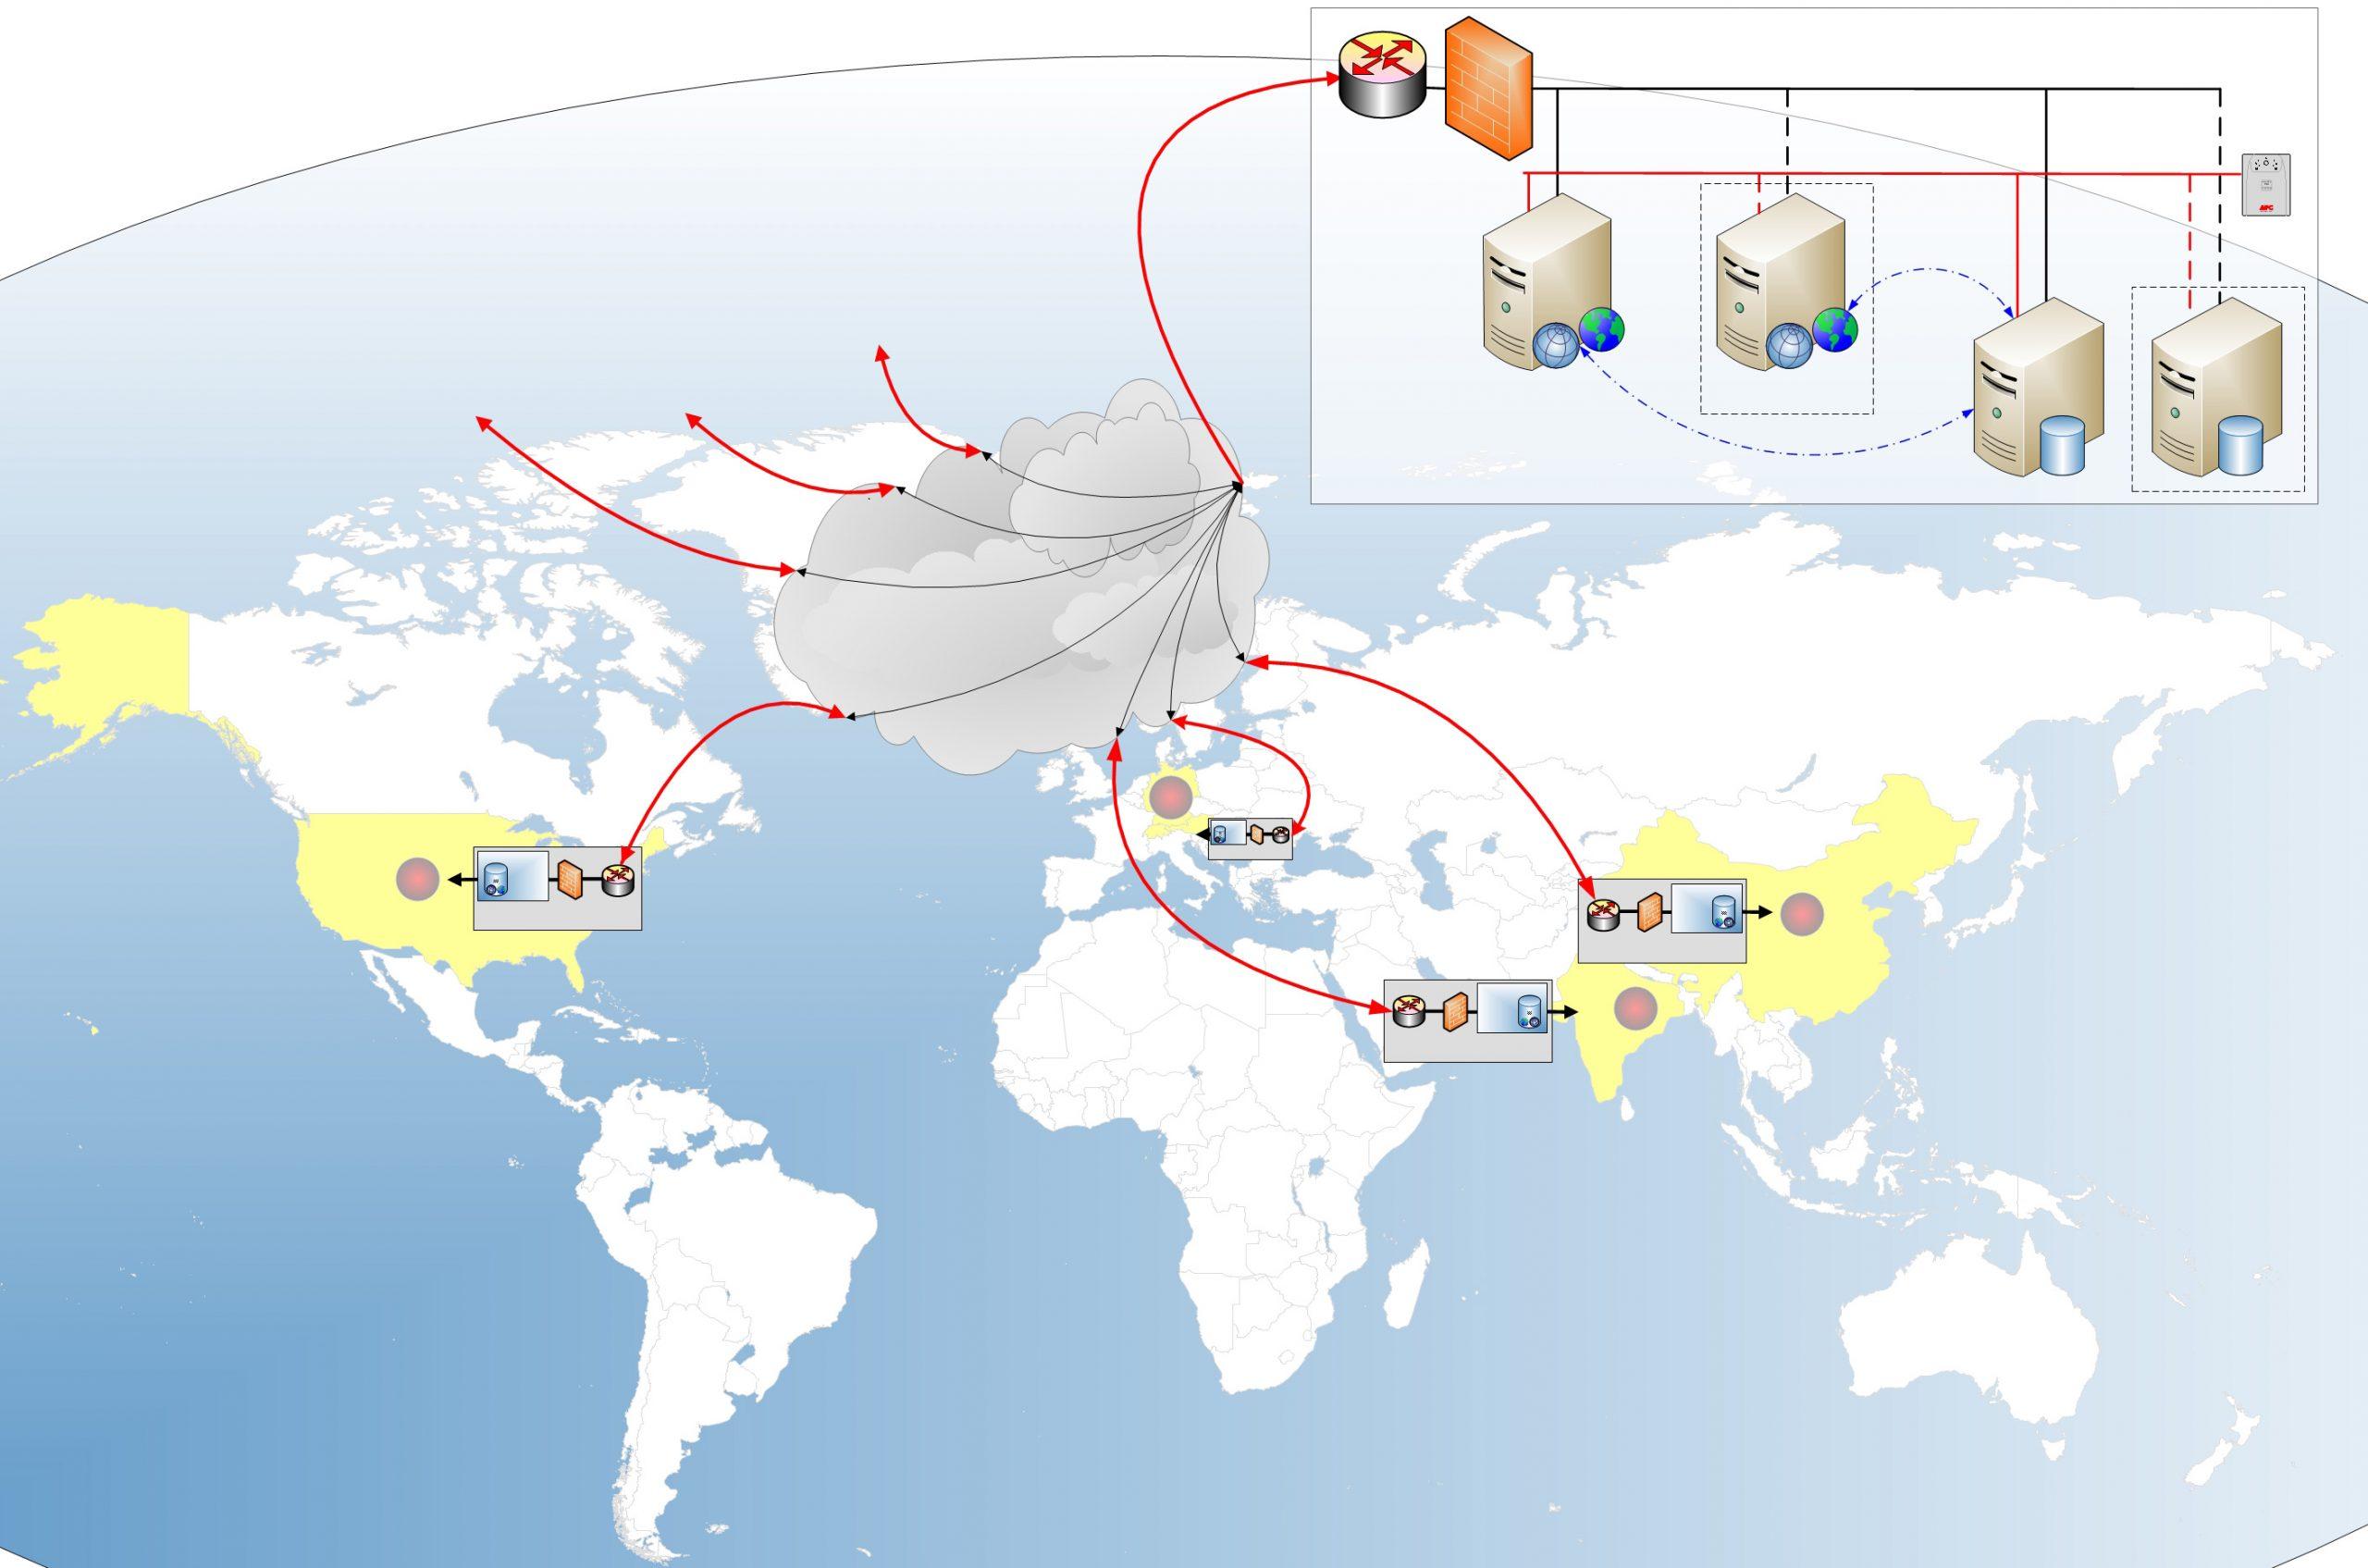 Global Management System for Building Automation (GMS-BA) für ein weltweit tätiges Industrieunternehmen